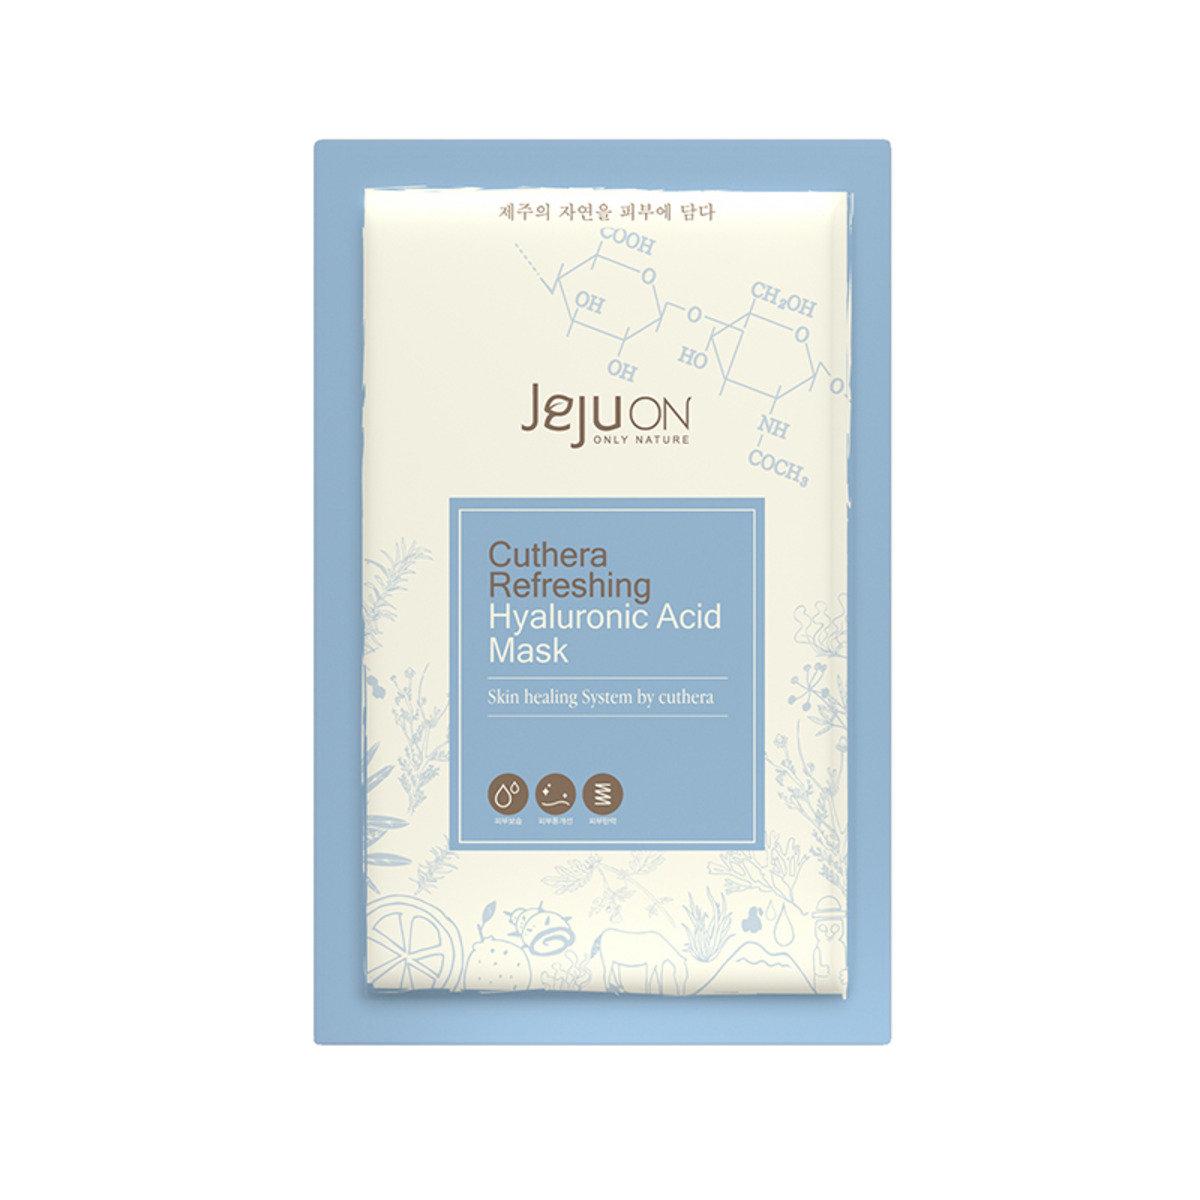 鬱金煥顏滋潤 - 透明質酸補水修護面膜 (單片裝)